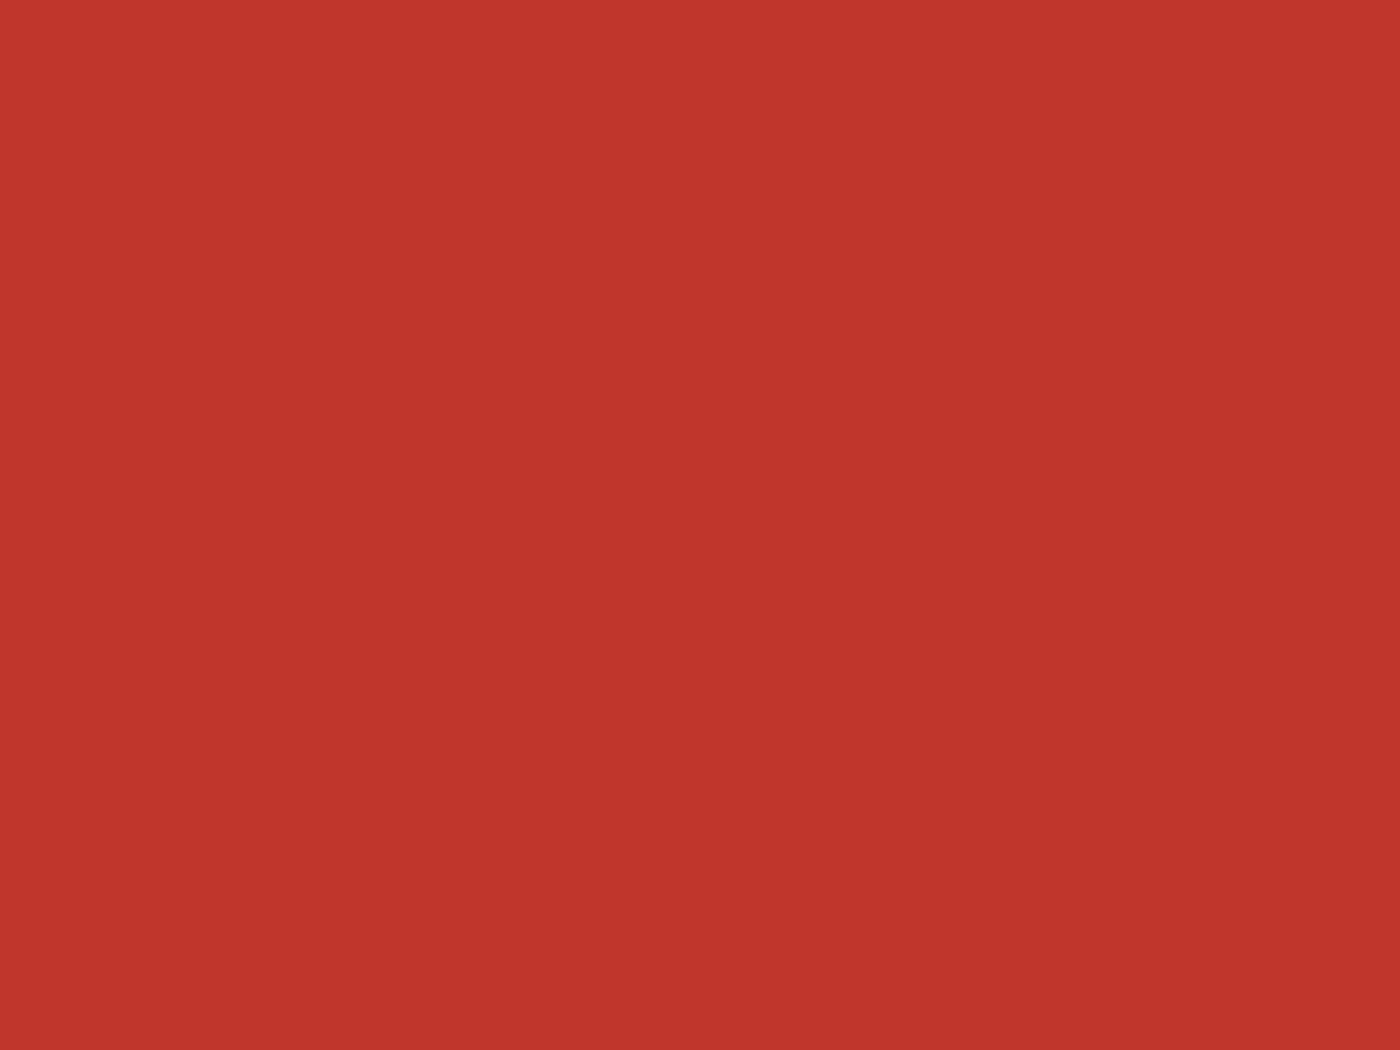 1400x1050 International Orange Golden Gate Bridge Solid Color Background